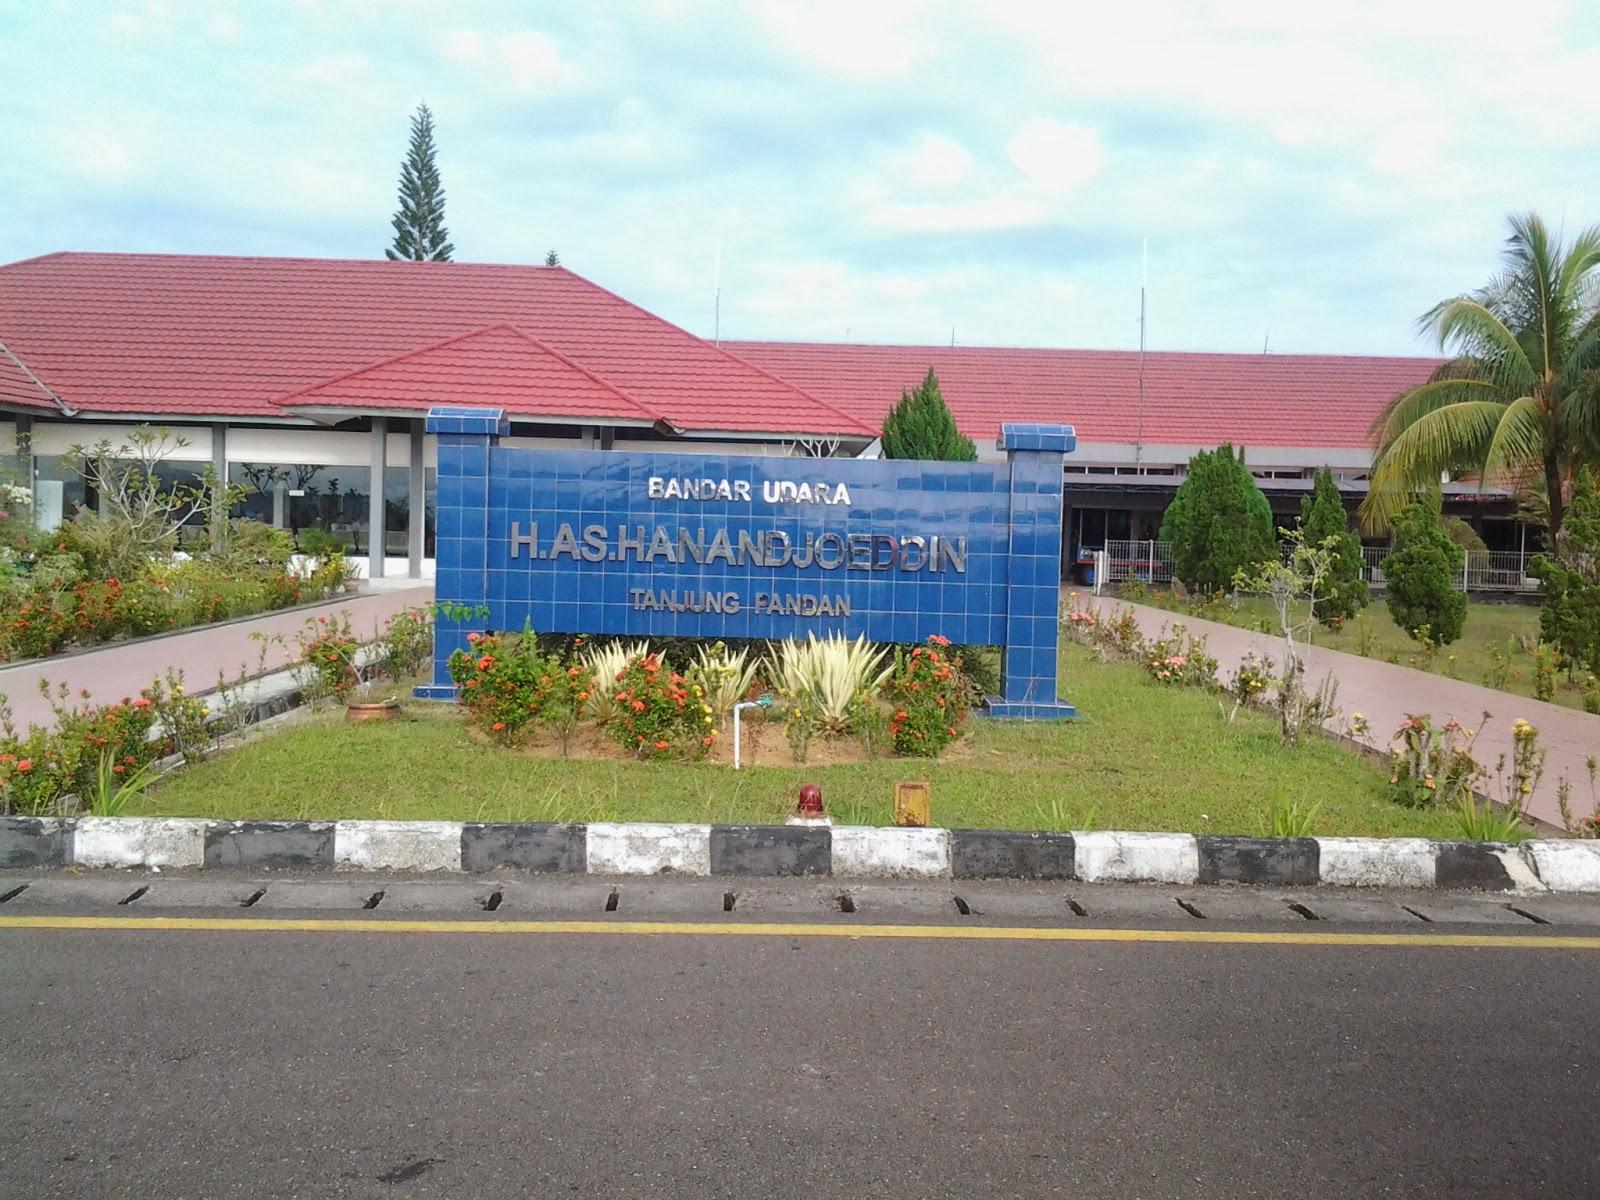 Tampak halaman depan Bandara Hanandjoeddin di Tanjung Pandan, Belitung.